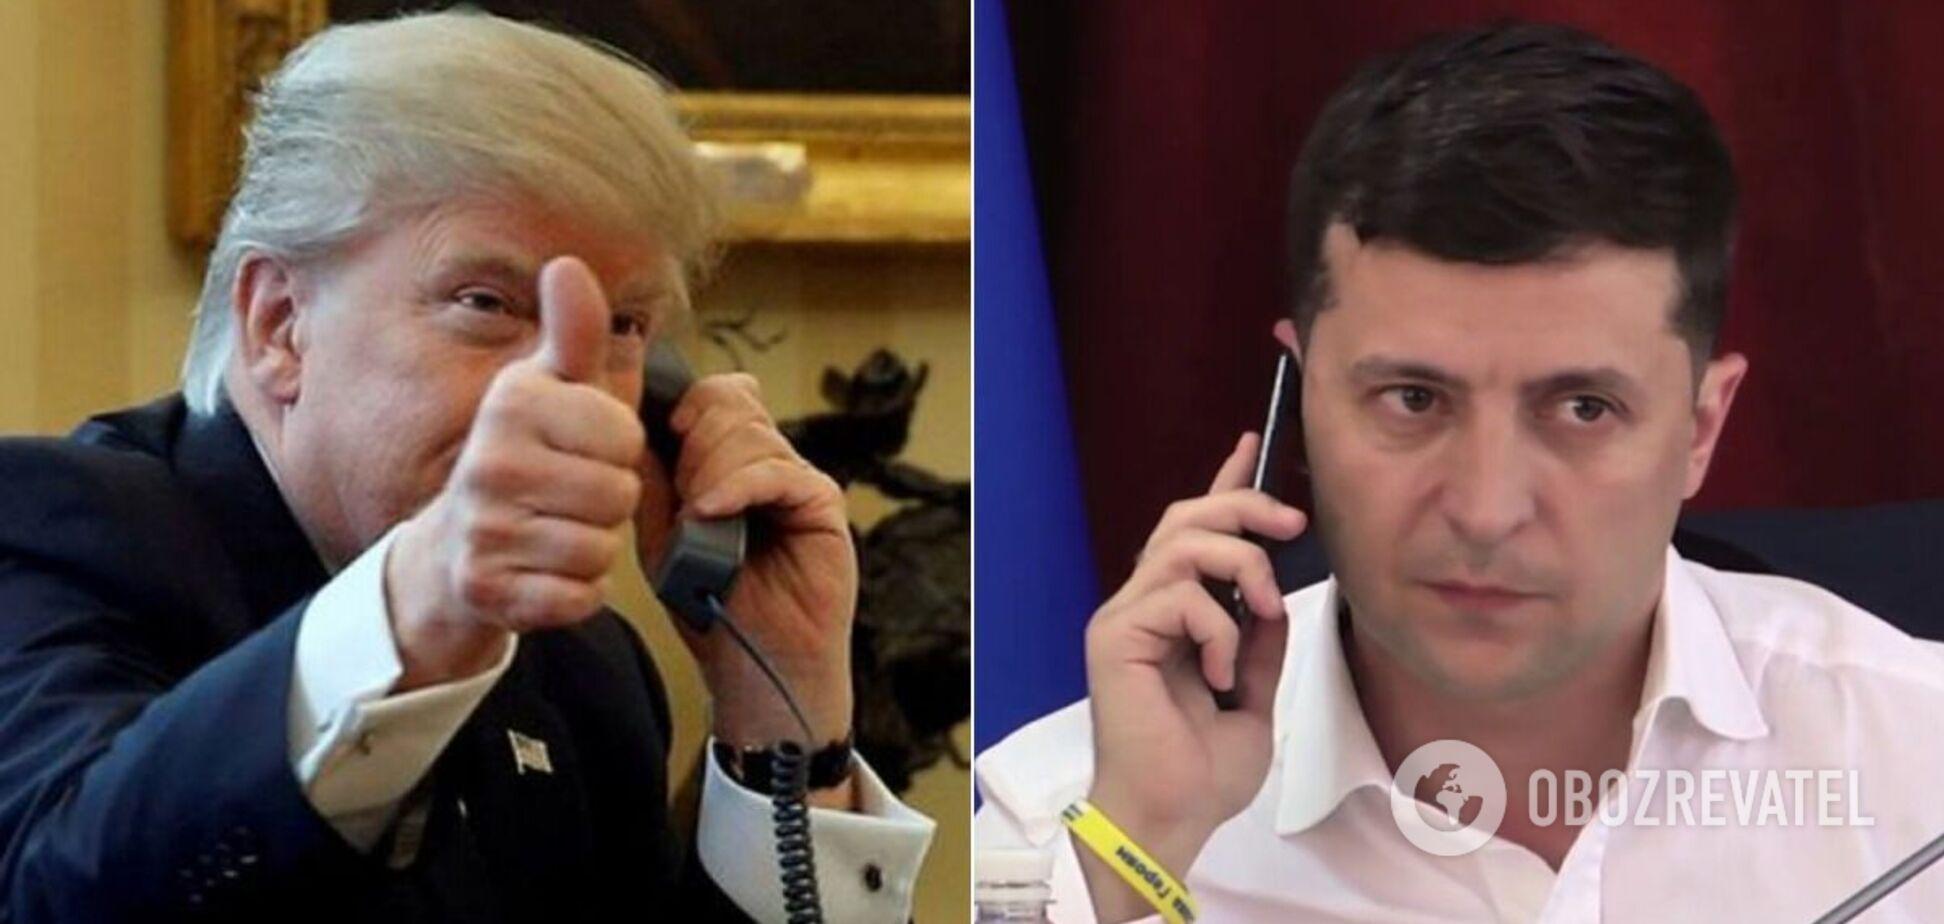 Трамп считает разговор с Зеленским даже лучше, чем 'идеальным'